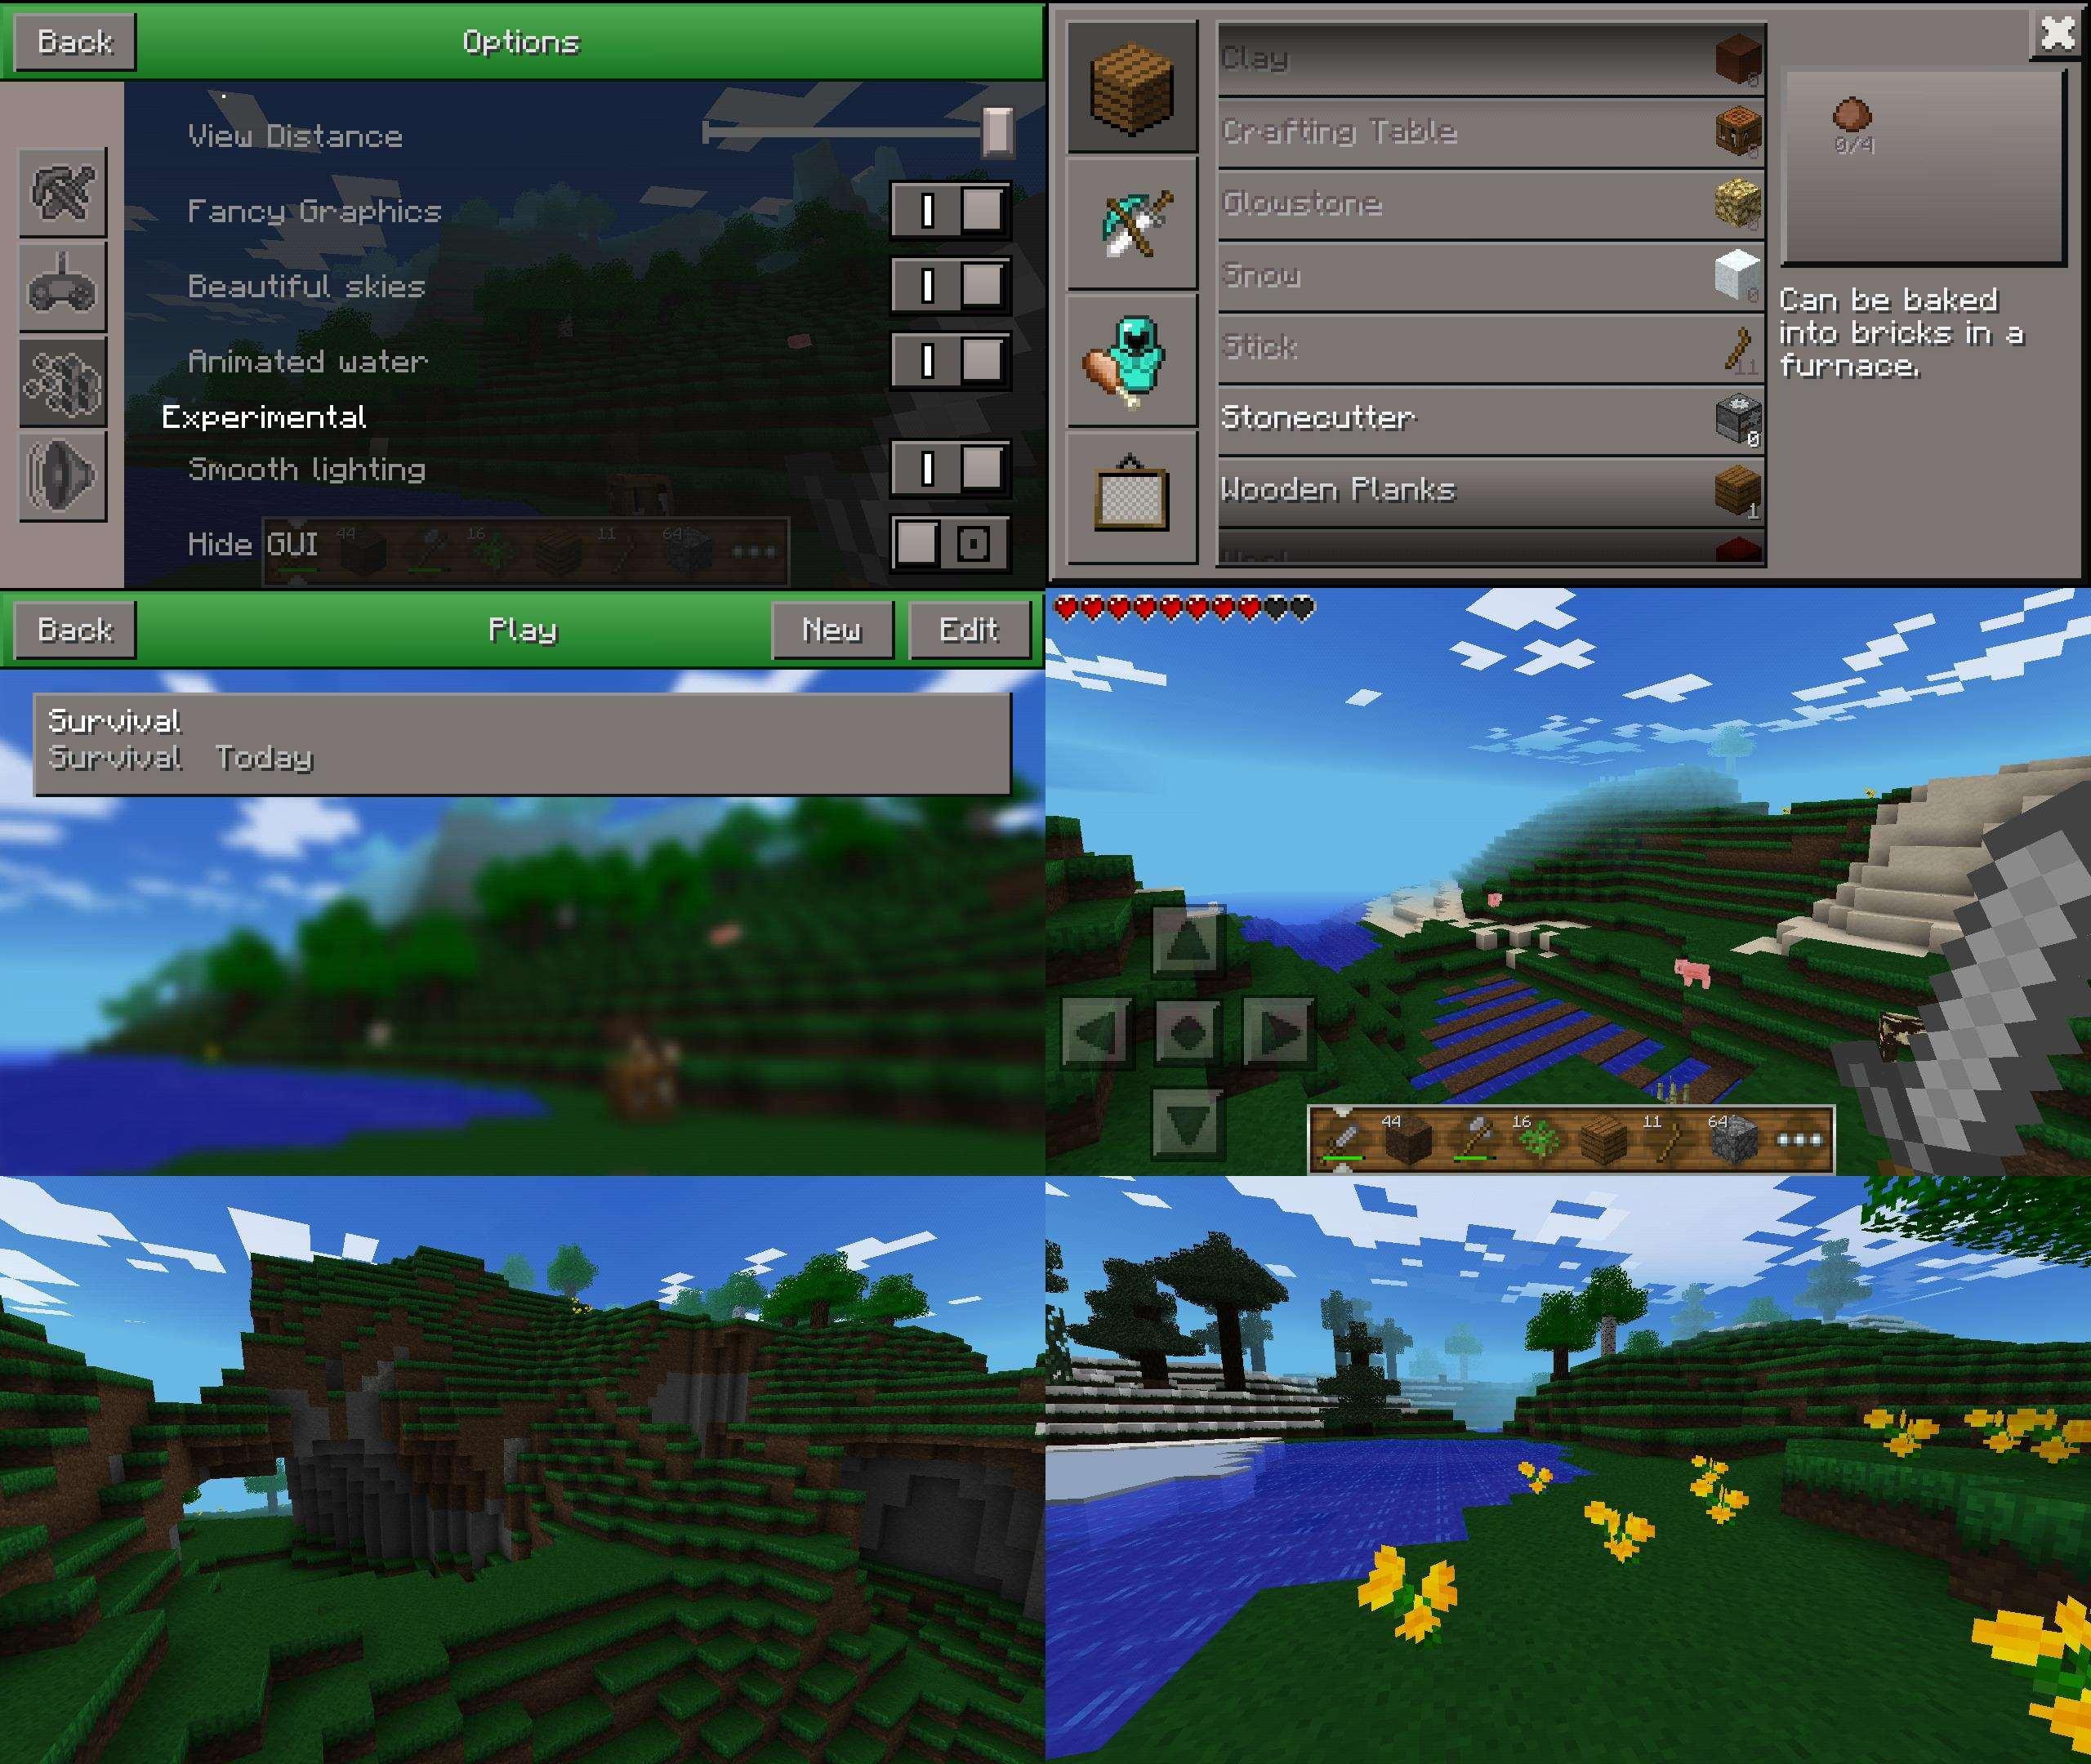 Текстур-пак MyCraft PE [x16] для Minecraft PE 0.7.1: download-minecraft-for-android.ru/textury/tekstur-pak-mycraft-pe...